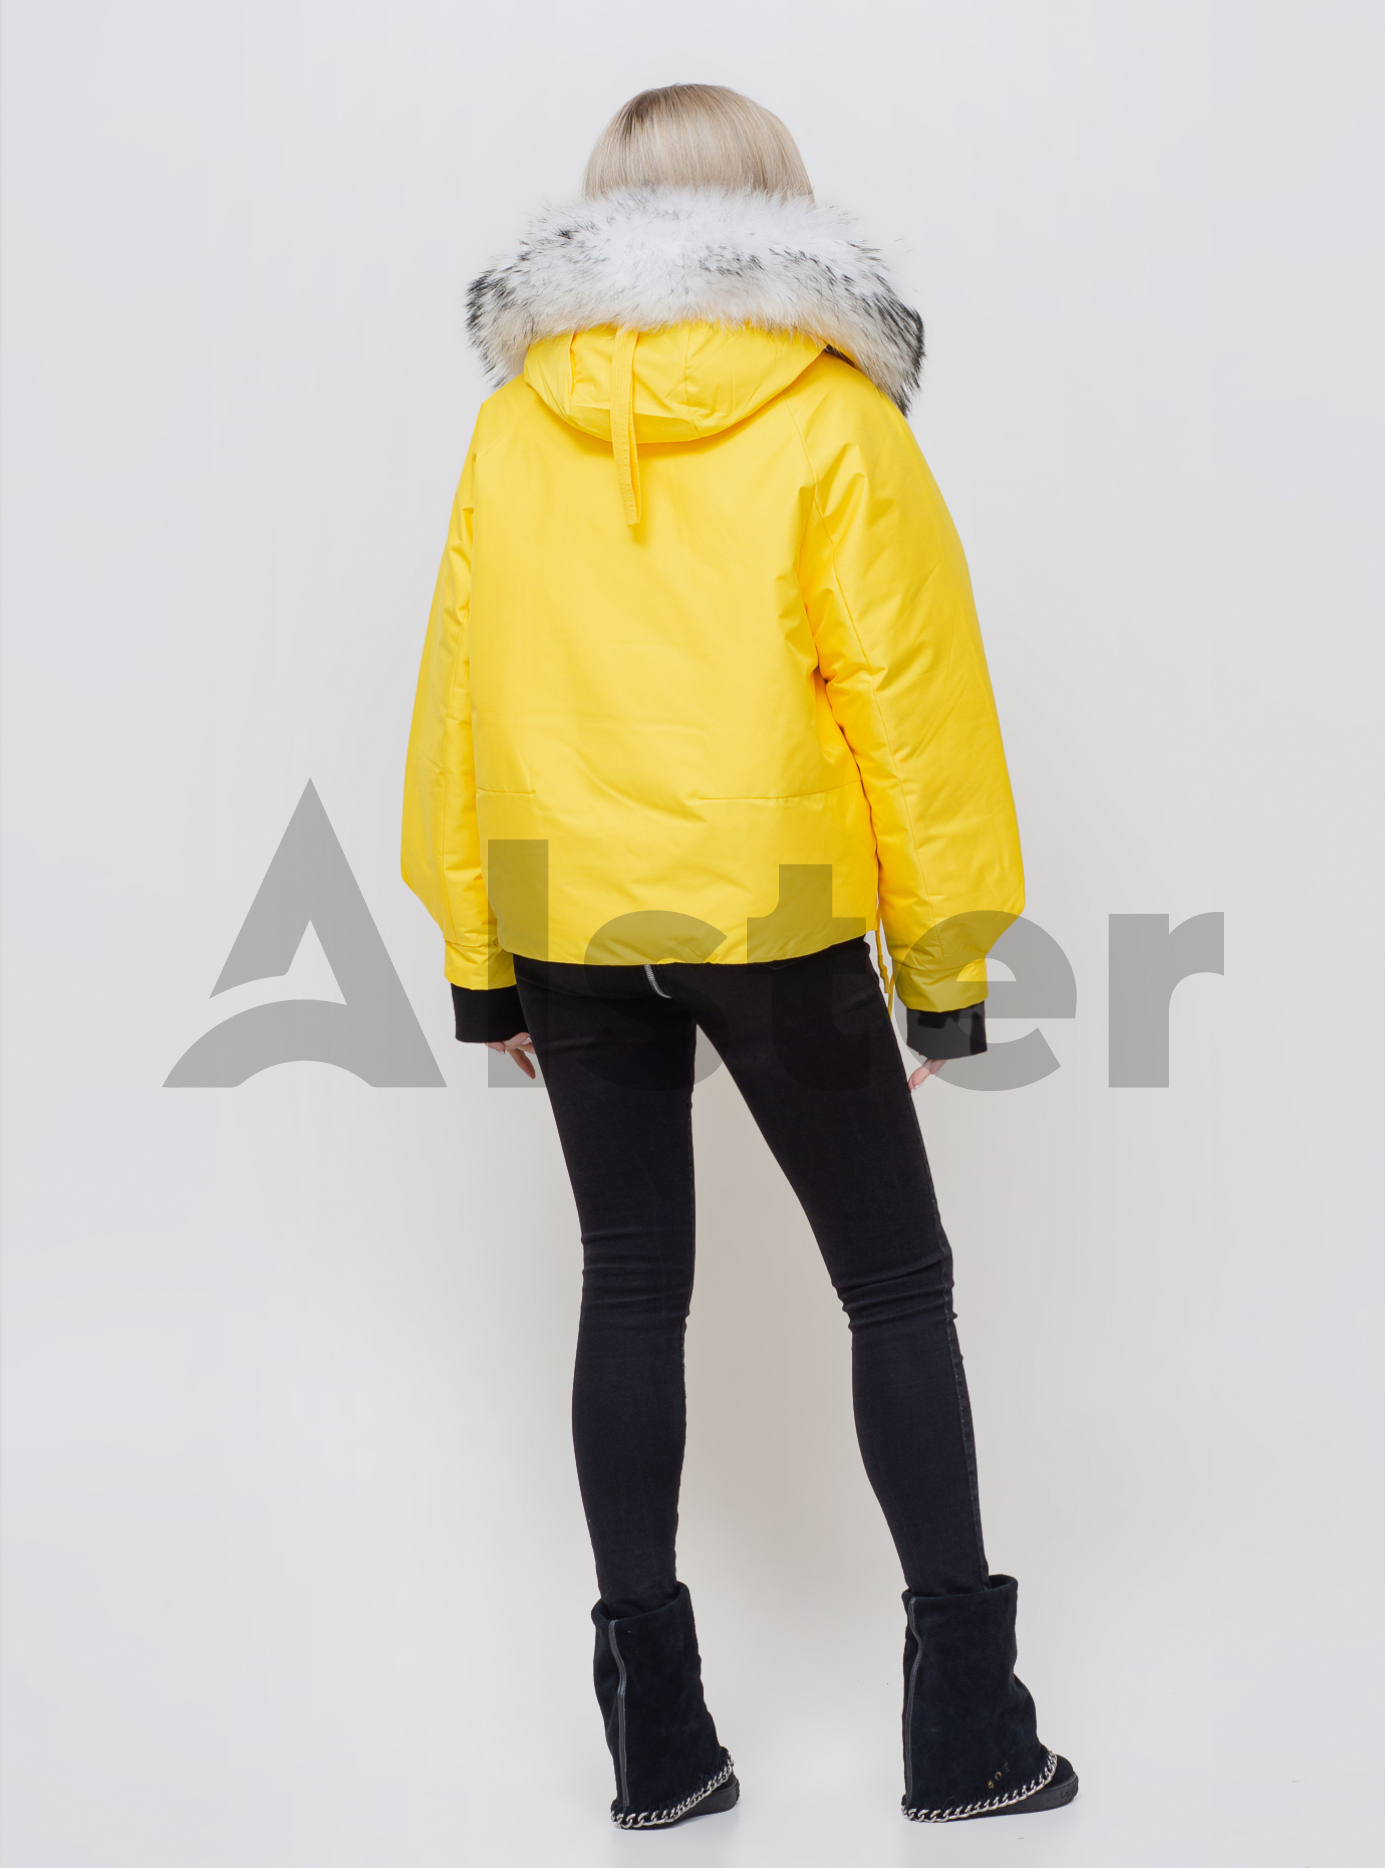 Женская зимняя куртка с мехом Жёлтый M (05-SV201054): фото - Alster.ua